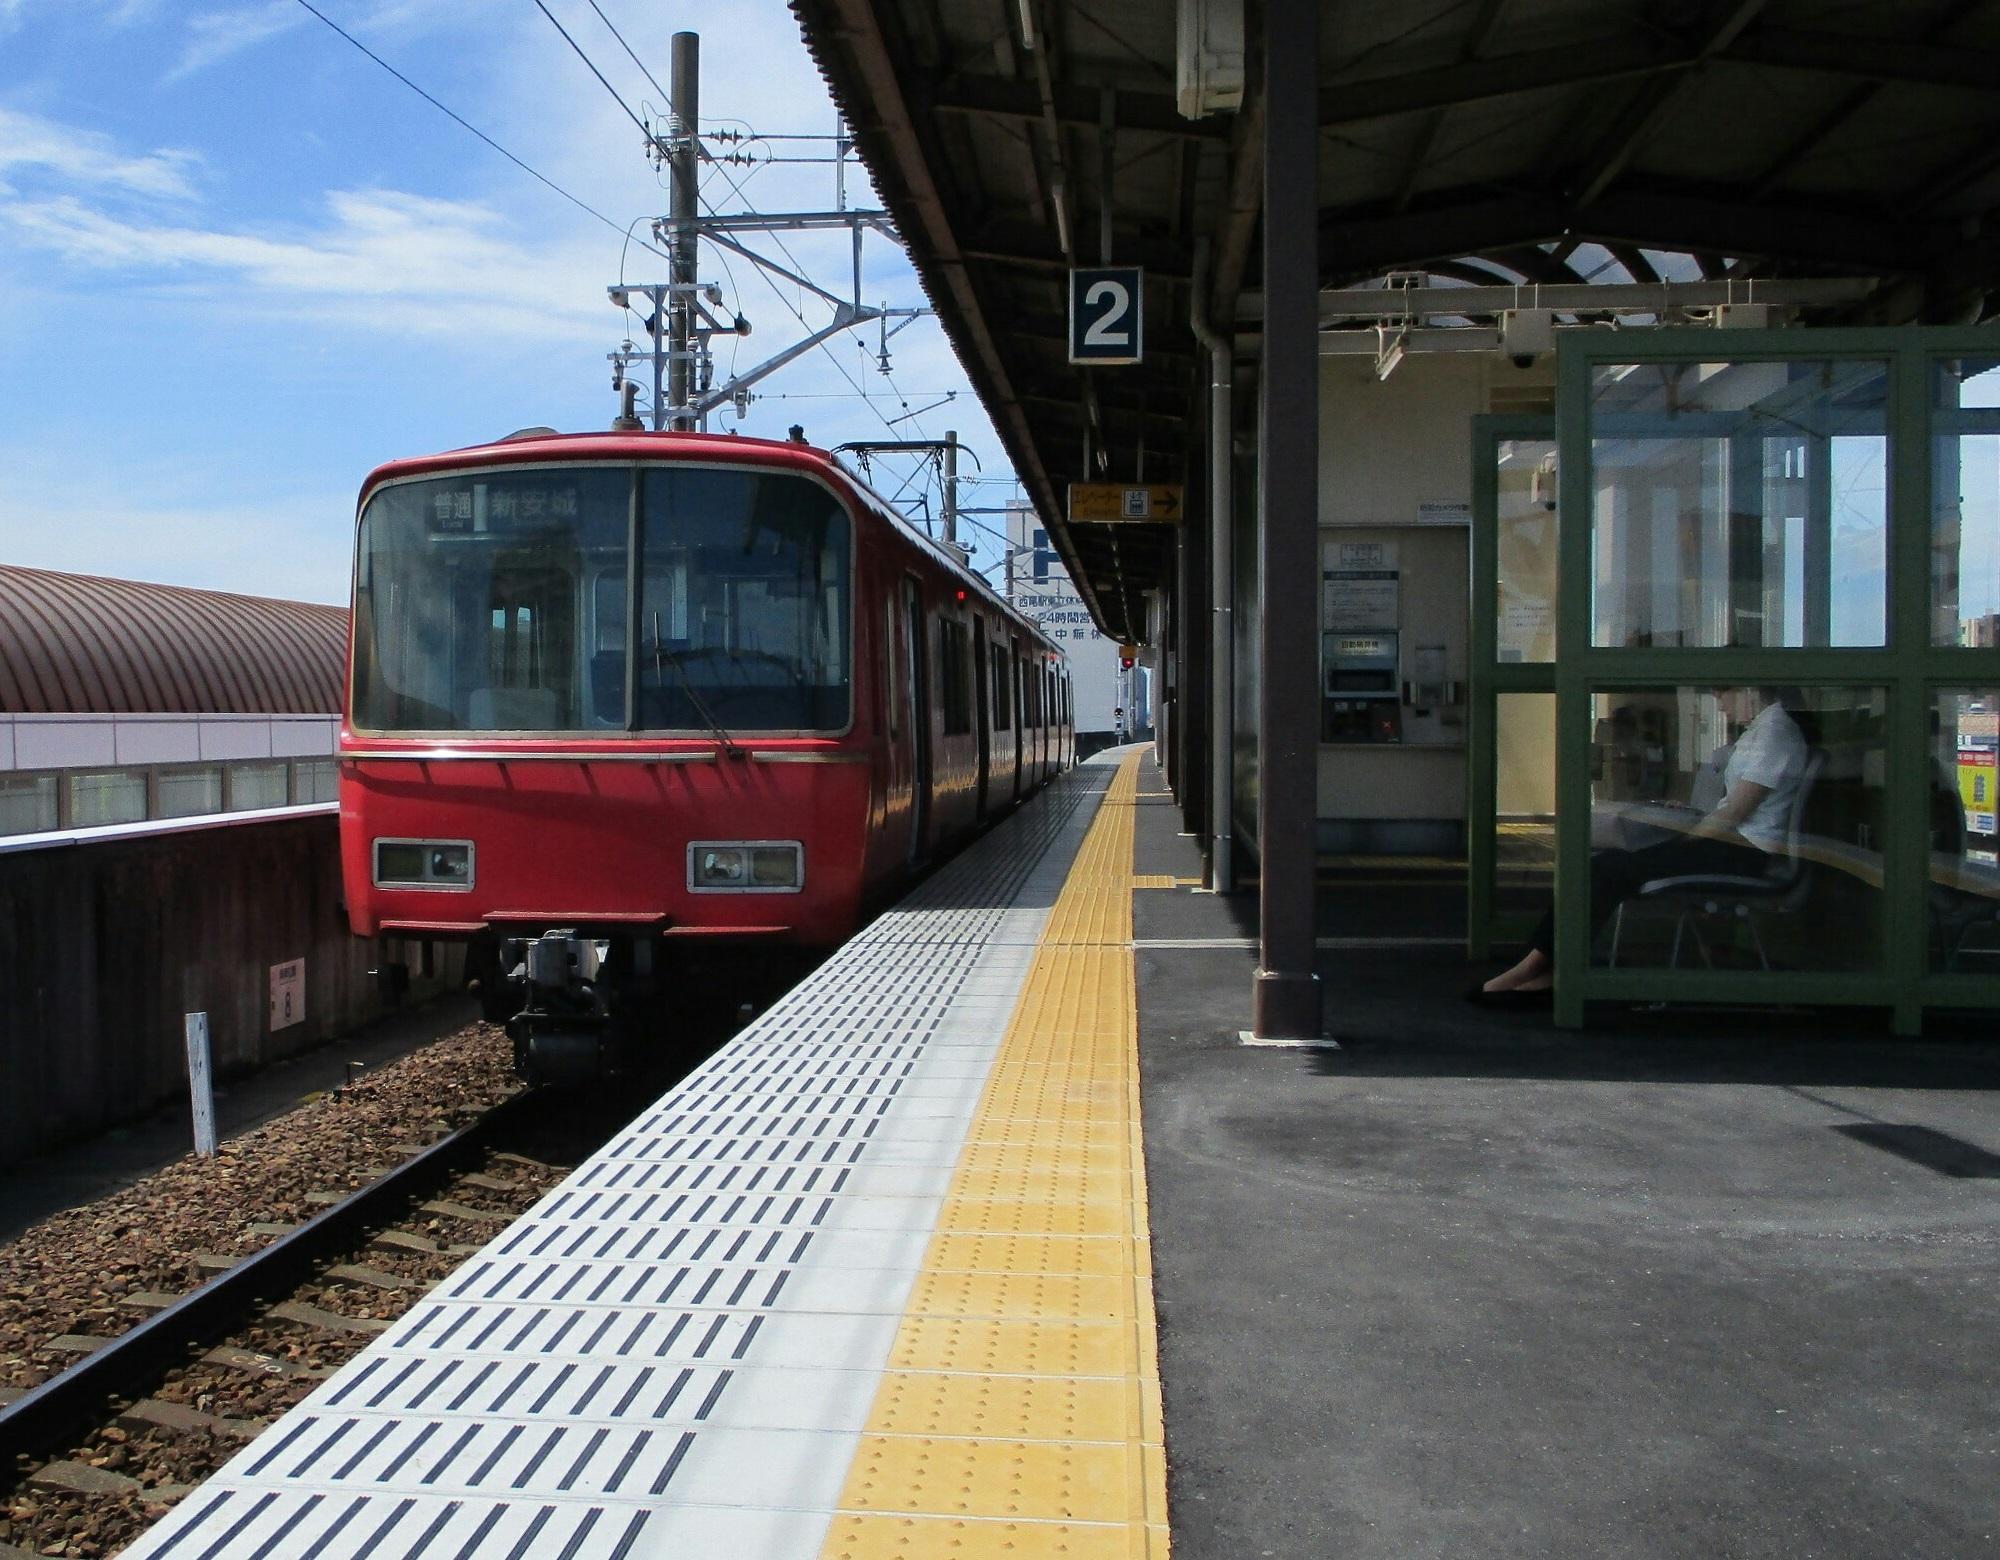 2018.6.13 西尾 (14) 西尾 - しんあんじょういきふつう 2000-1560